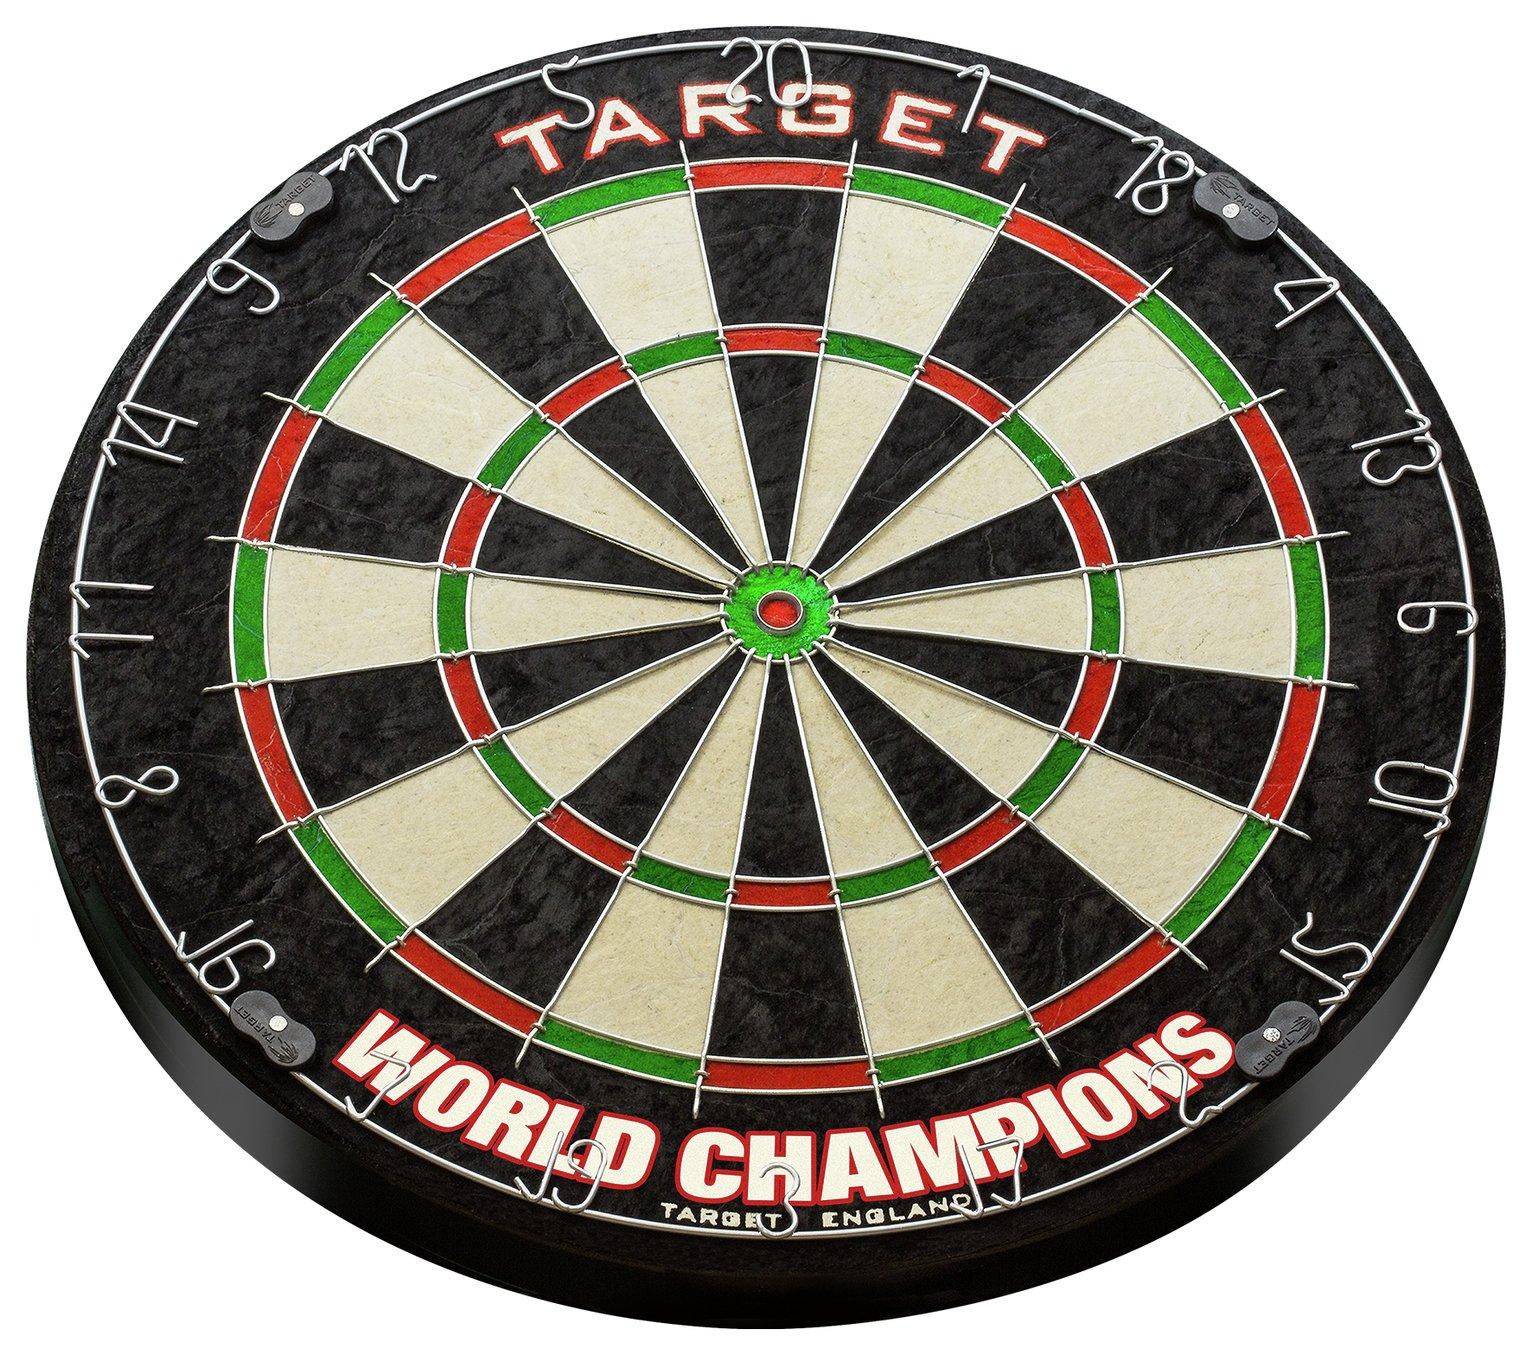 World Champion Dartboard